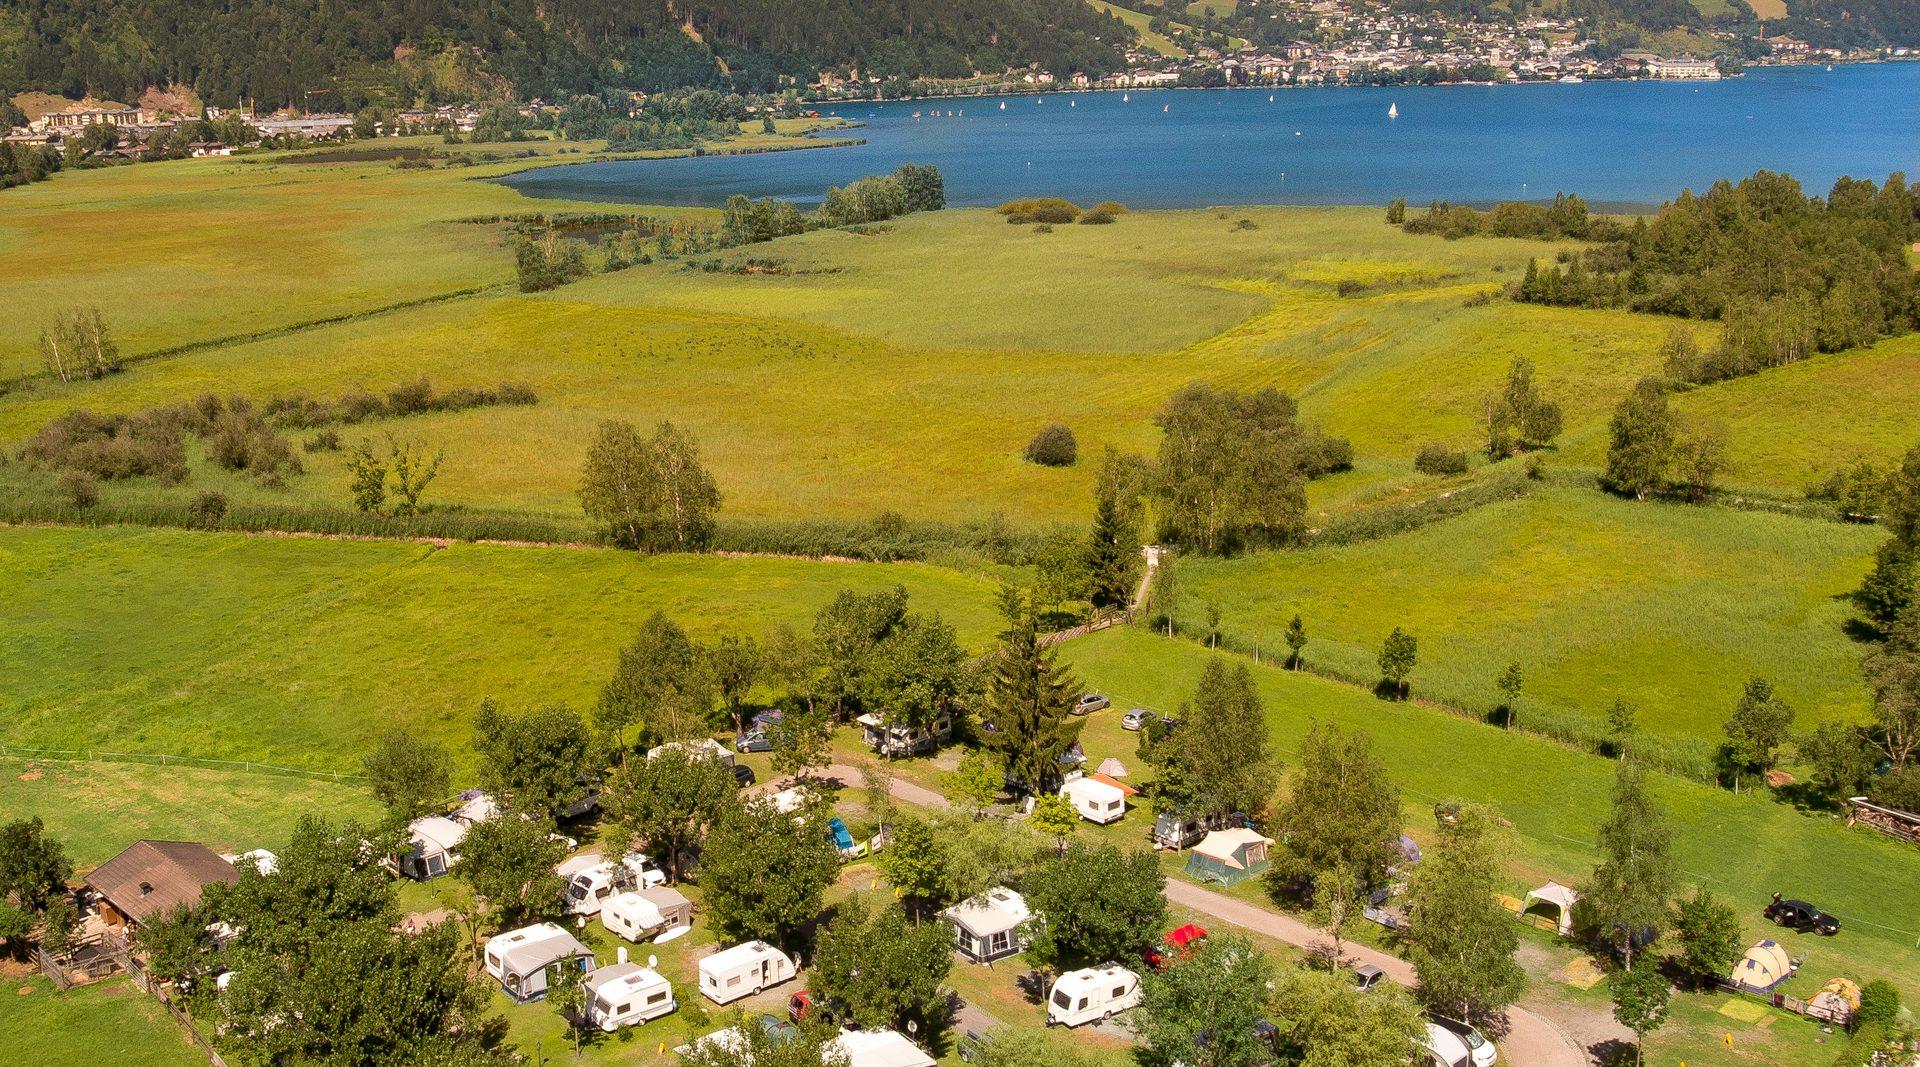 Luftaufnahme Campingplatz Nahe des Zellersees